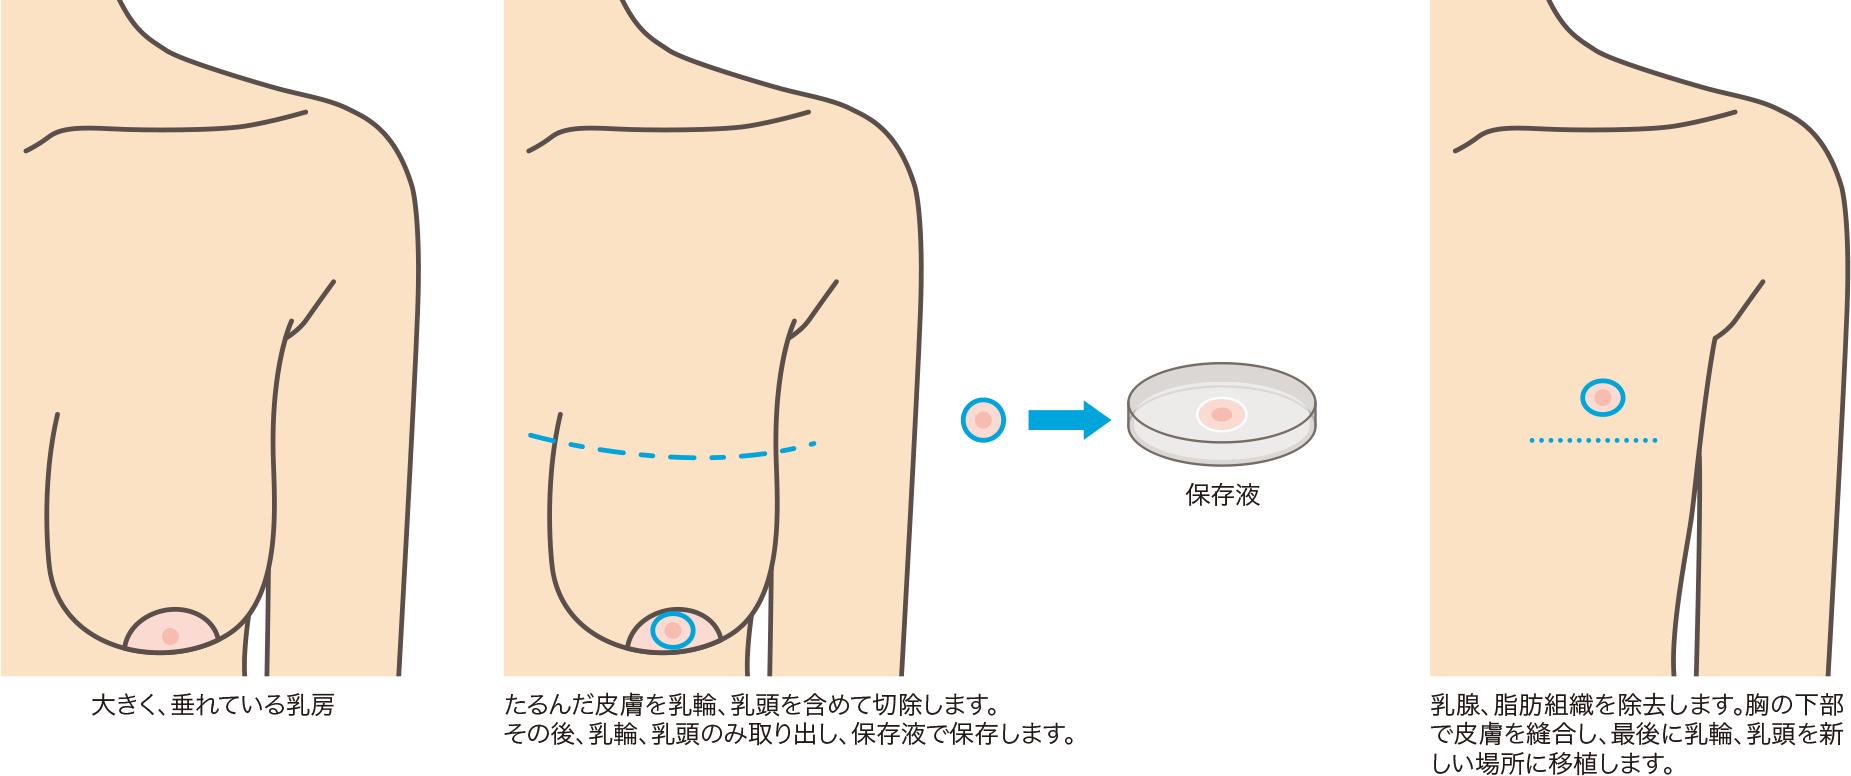 性転換 性器 乳腺切除法と乳房皮膚切除と同時に行う手術で、たるんだ皮を縫合後に乳輪乳頭を適切な位置に移植します。  乳輪乳頭移植は定着率に個人差があるため、適切な手術を行っ ...